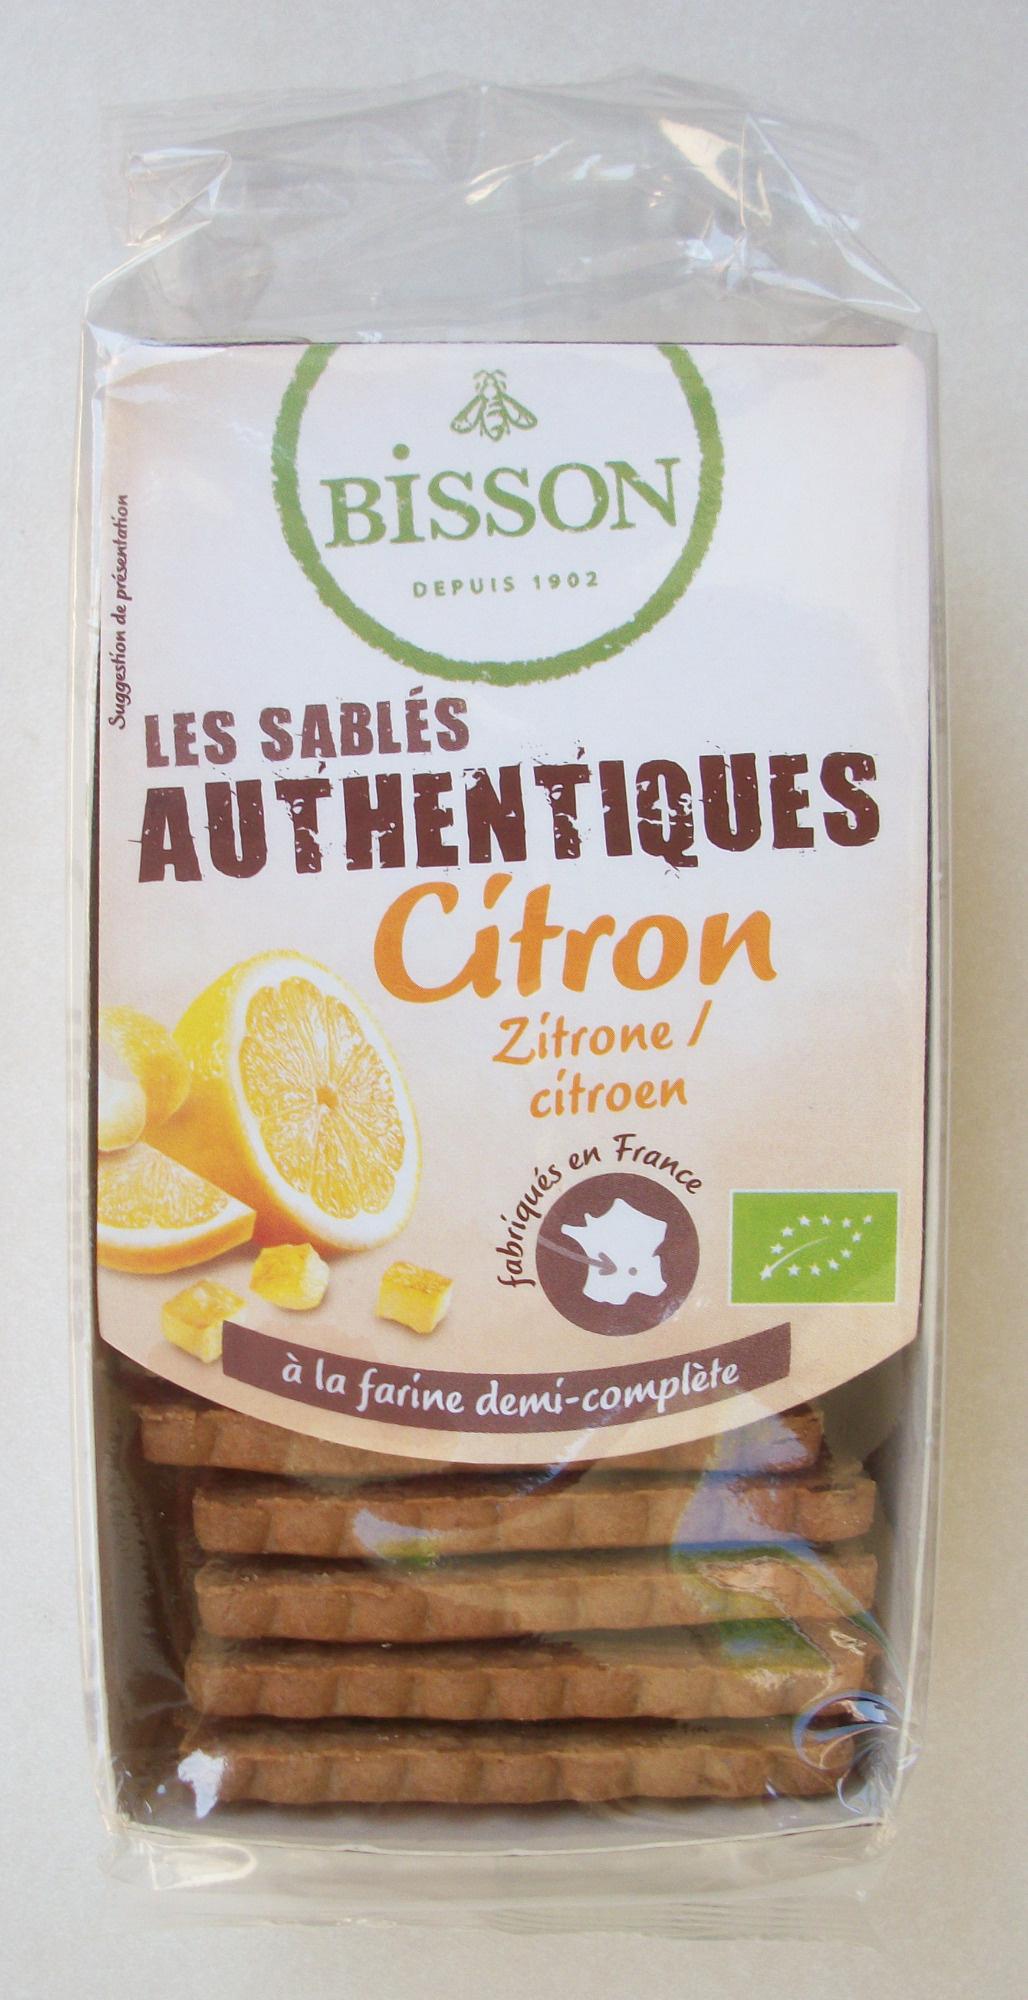 Les sablés authentiques - citron - Product